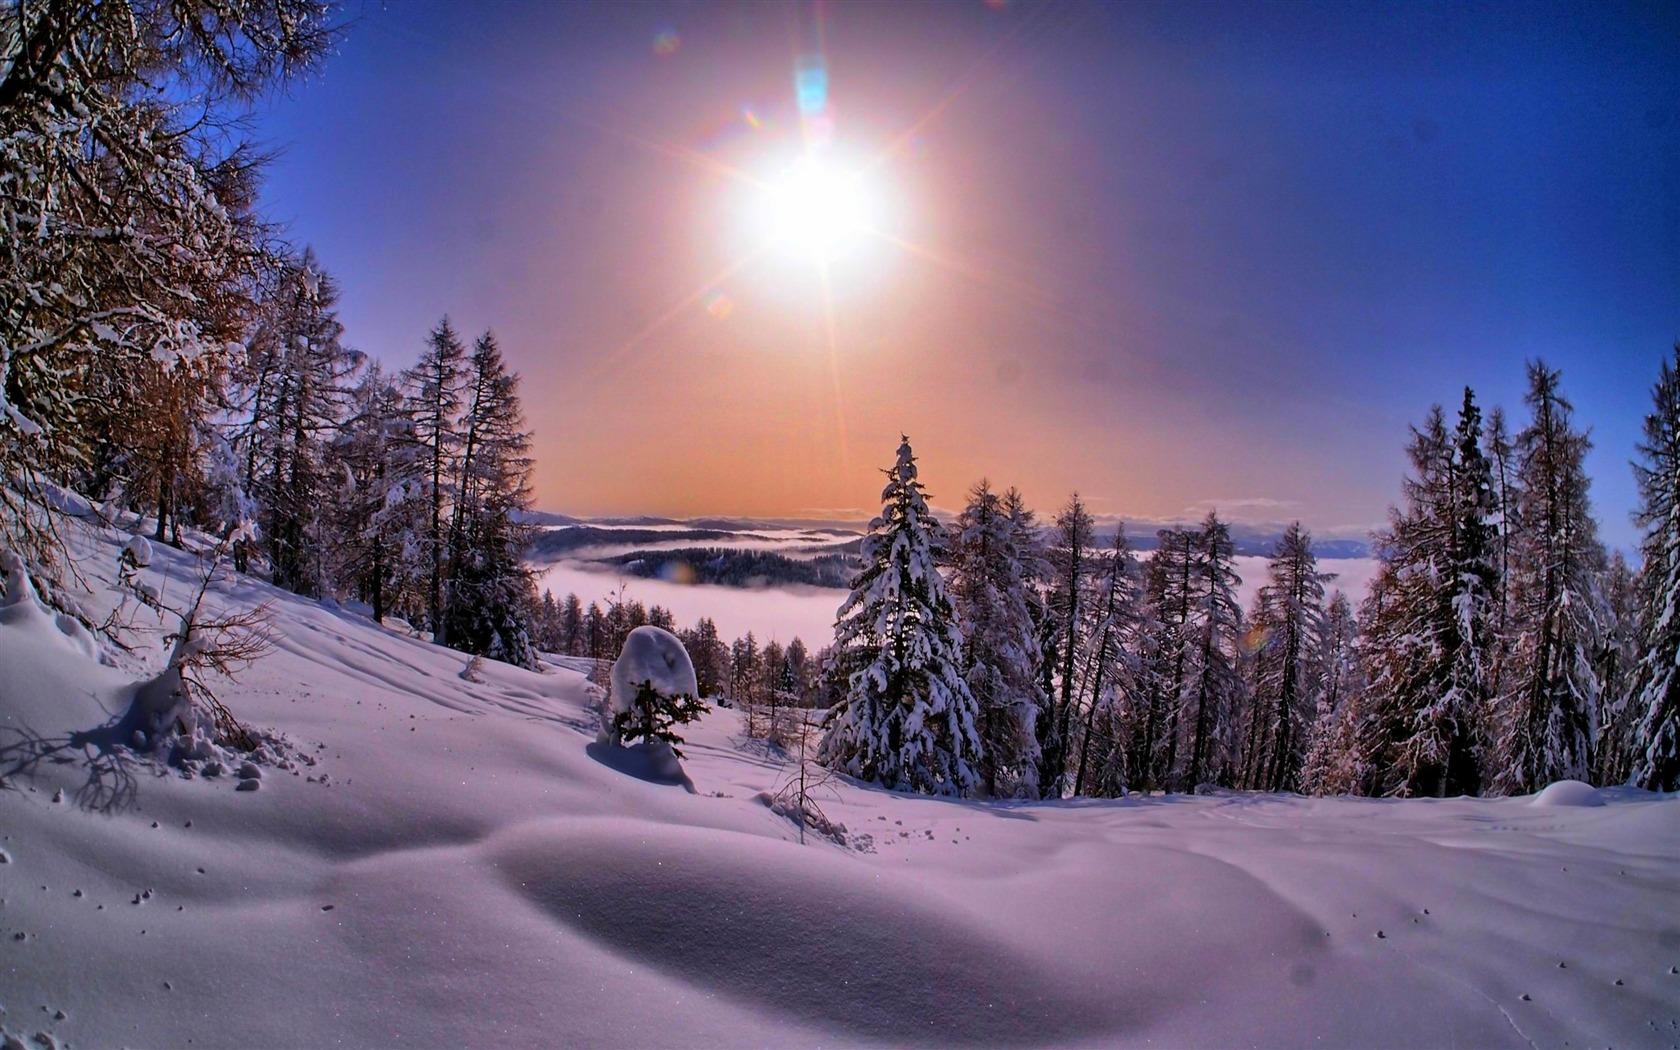 le plus beau paysage d 39 hiverv hd fond d 39 cran 1680x1050 t l chargement. Black Bedroom Furniture Sets. Home Design Ideas